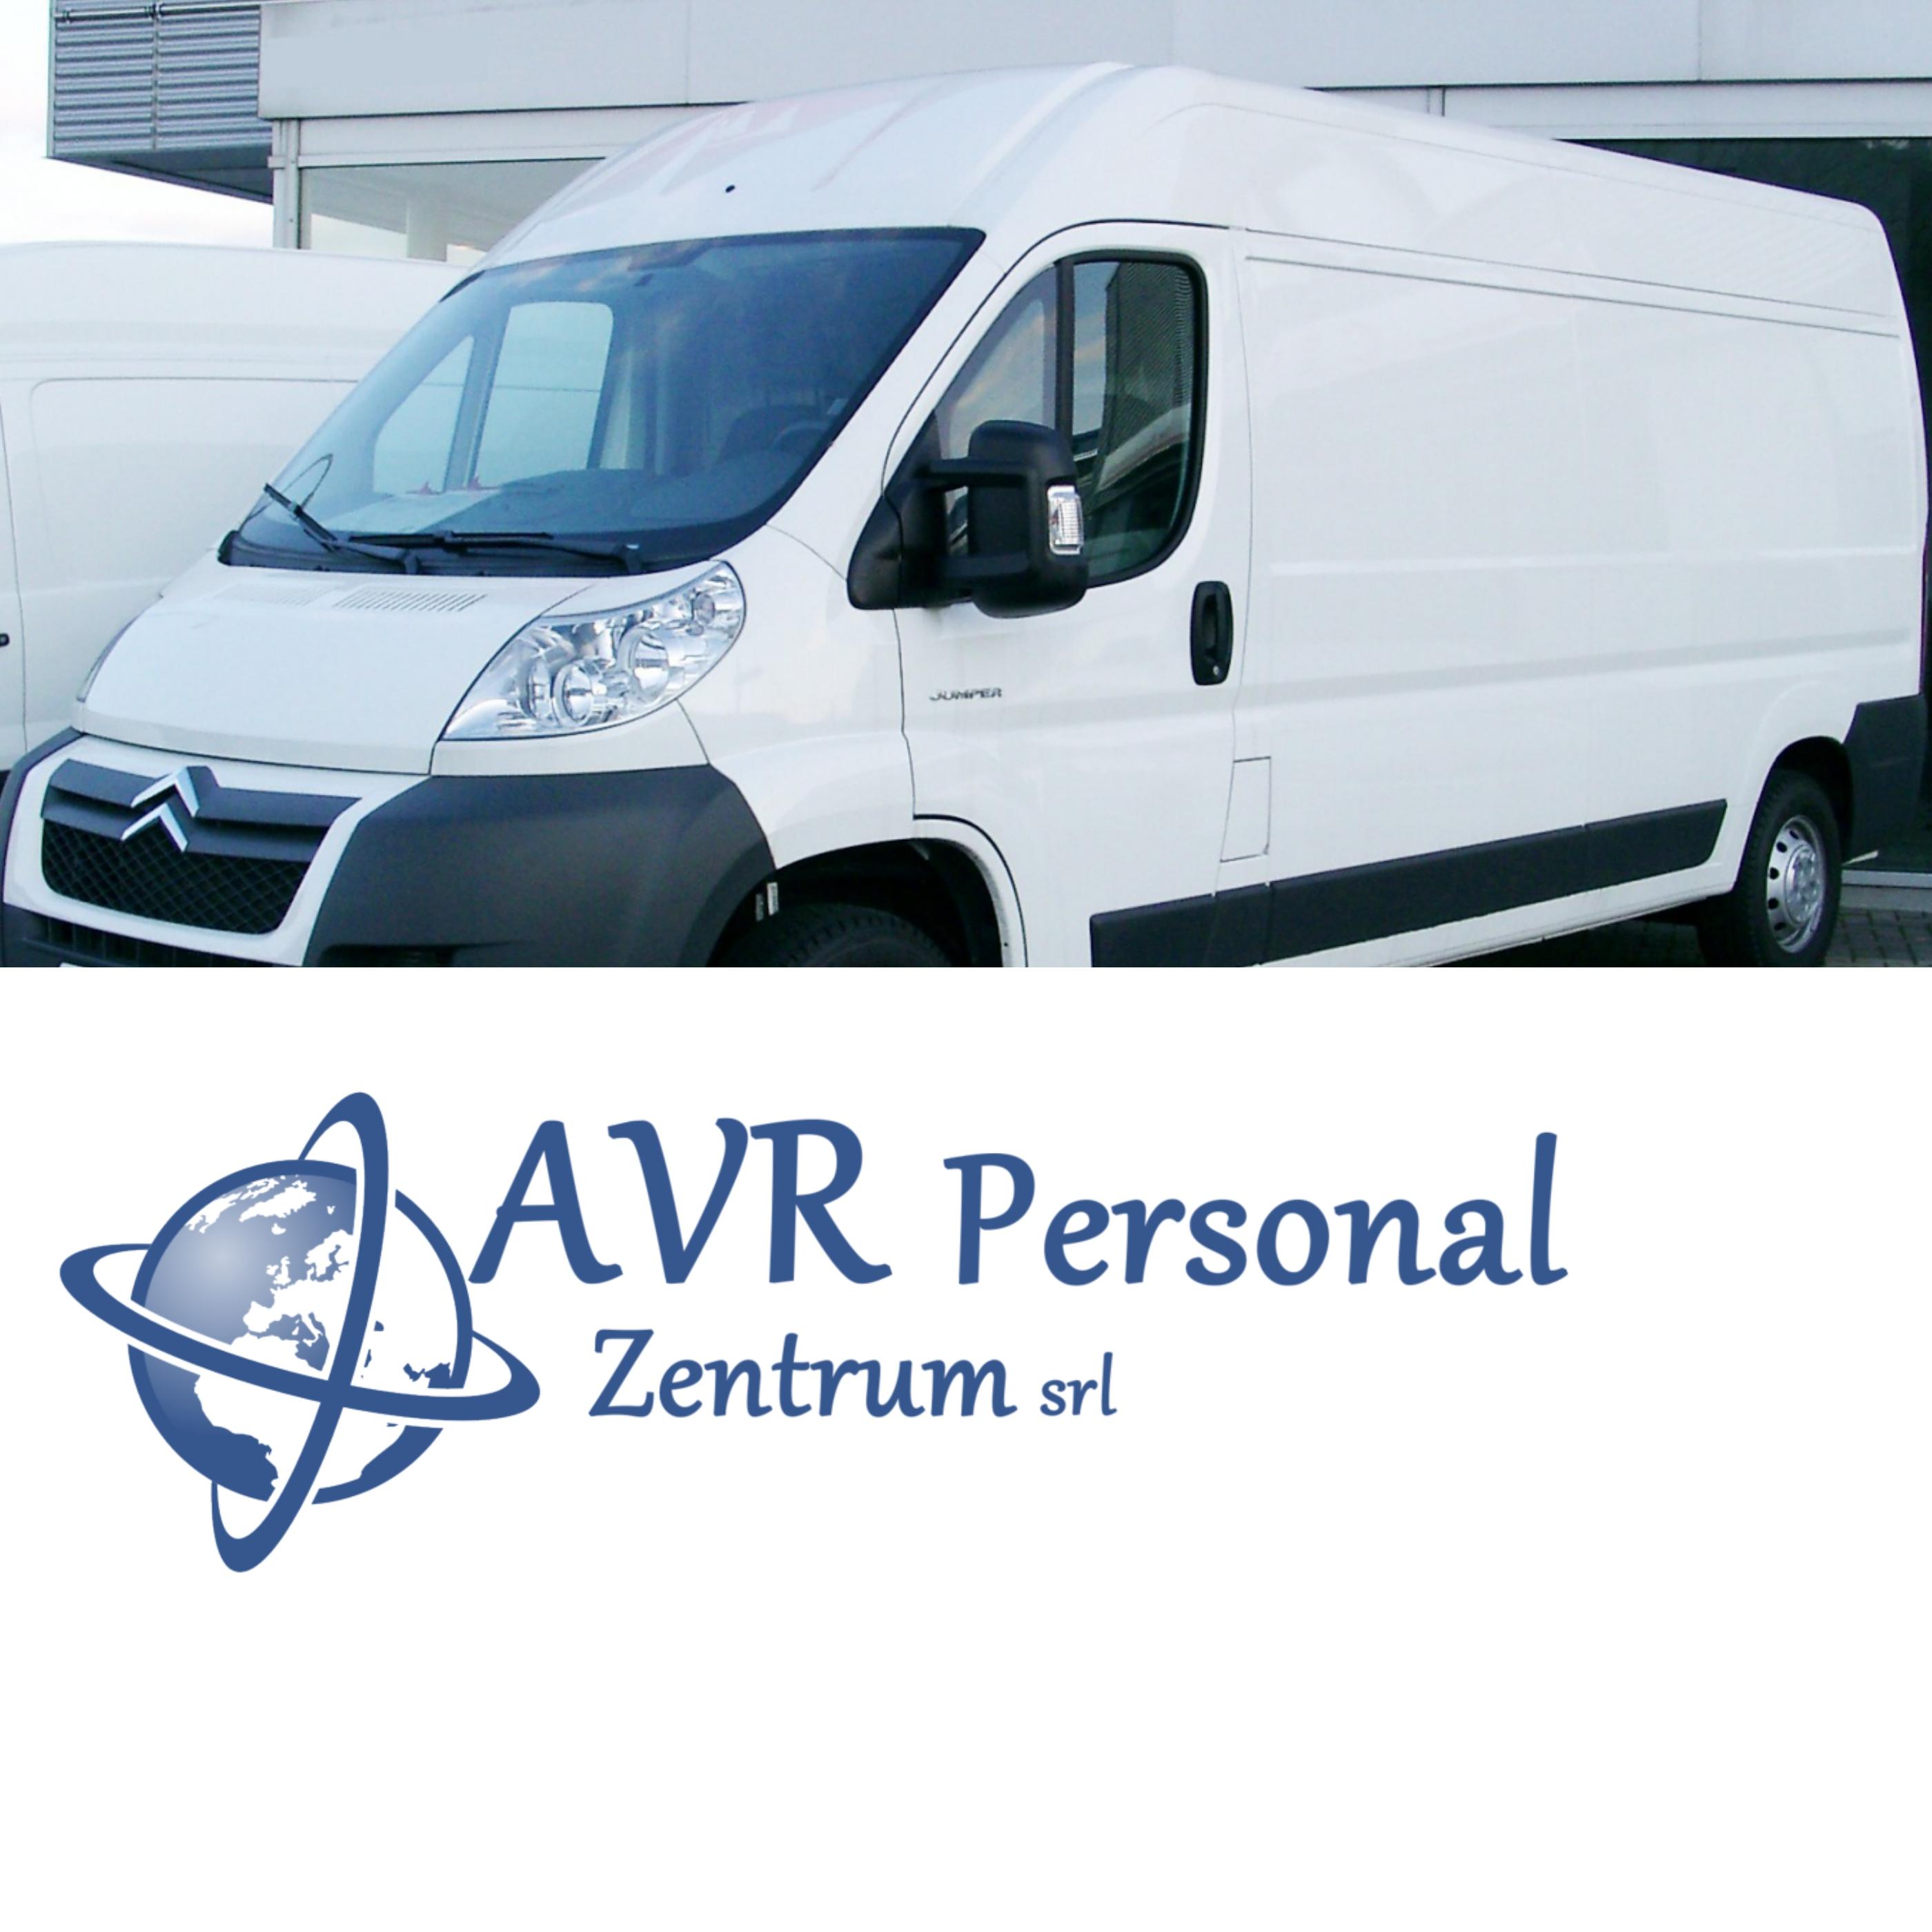 AVR Personal Zentrum